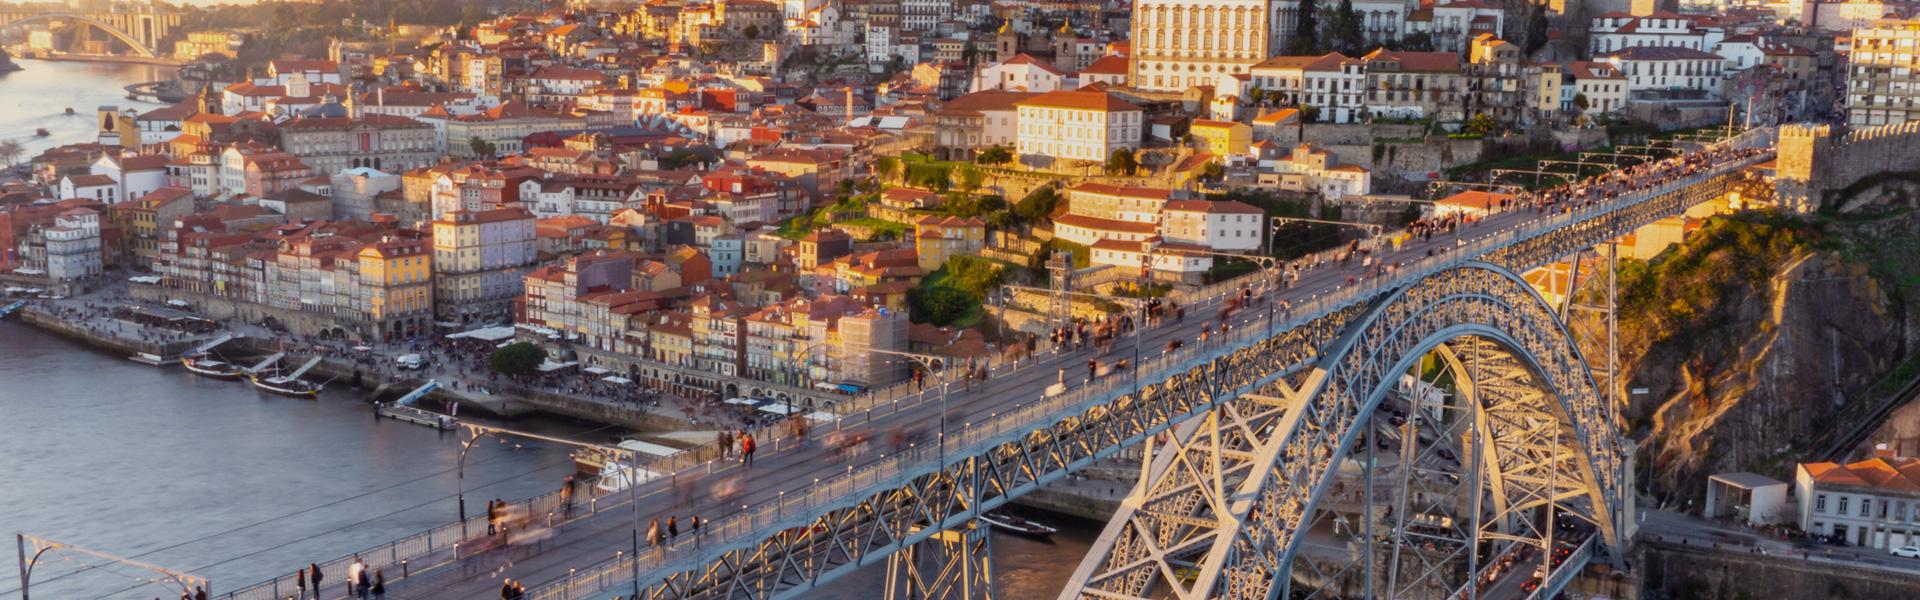 Mudanças Nacionais Porto